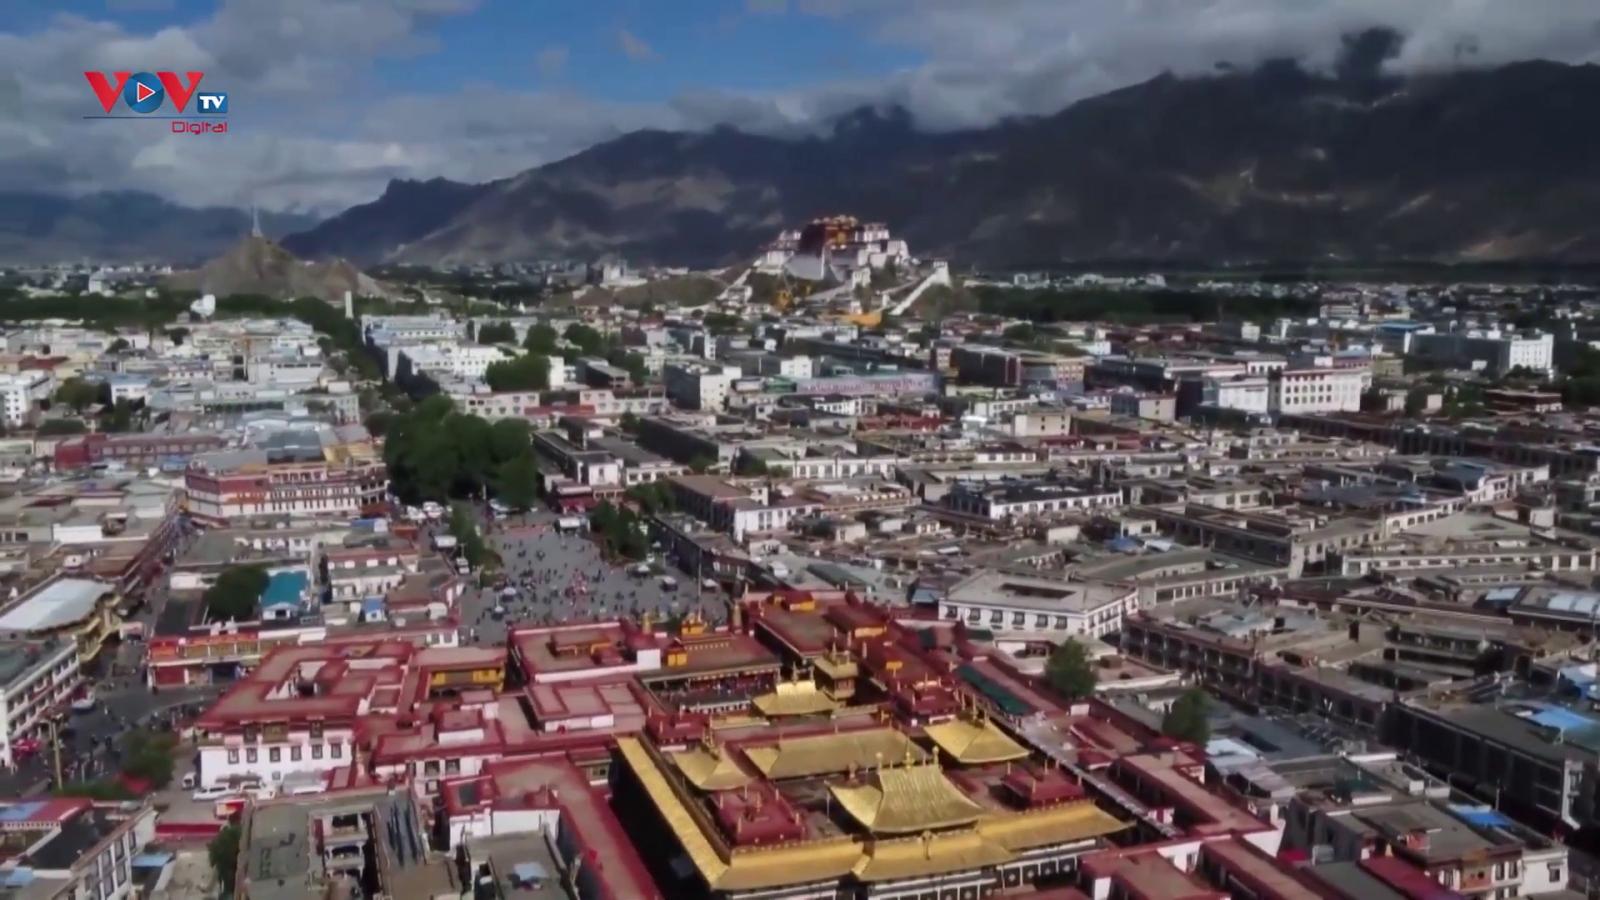 Vẻ đẹp của thành phố Lhasa, khu tự trị Tây Tạng, Trung Quốc